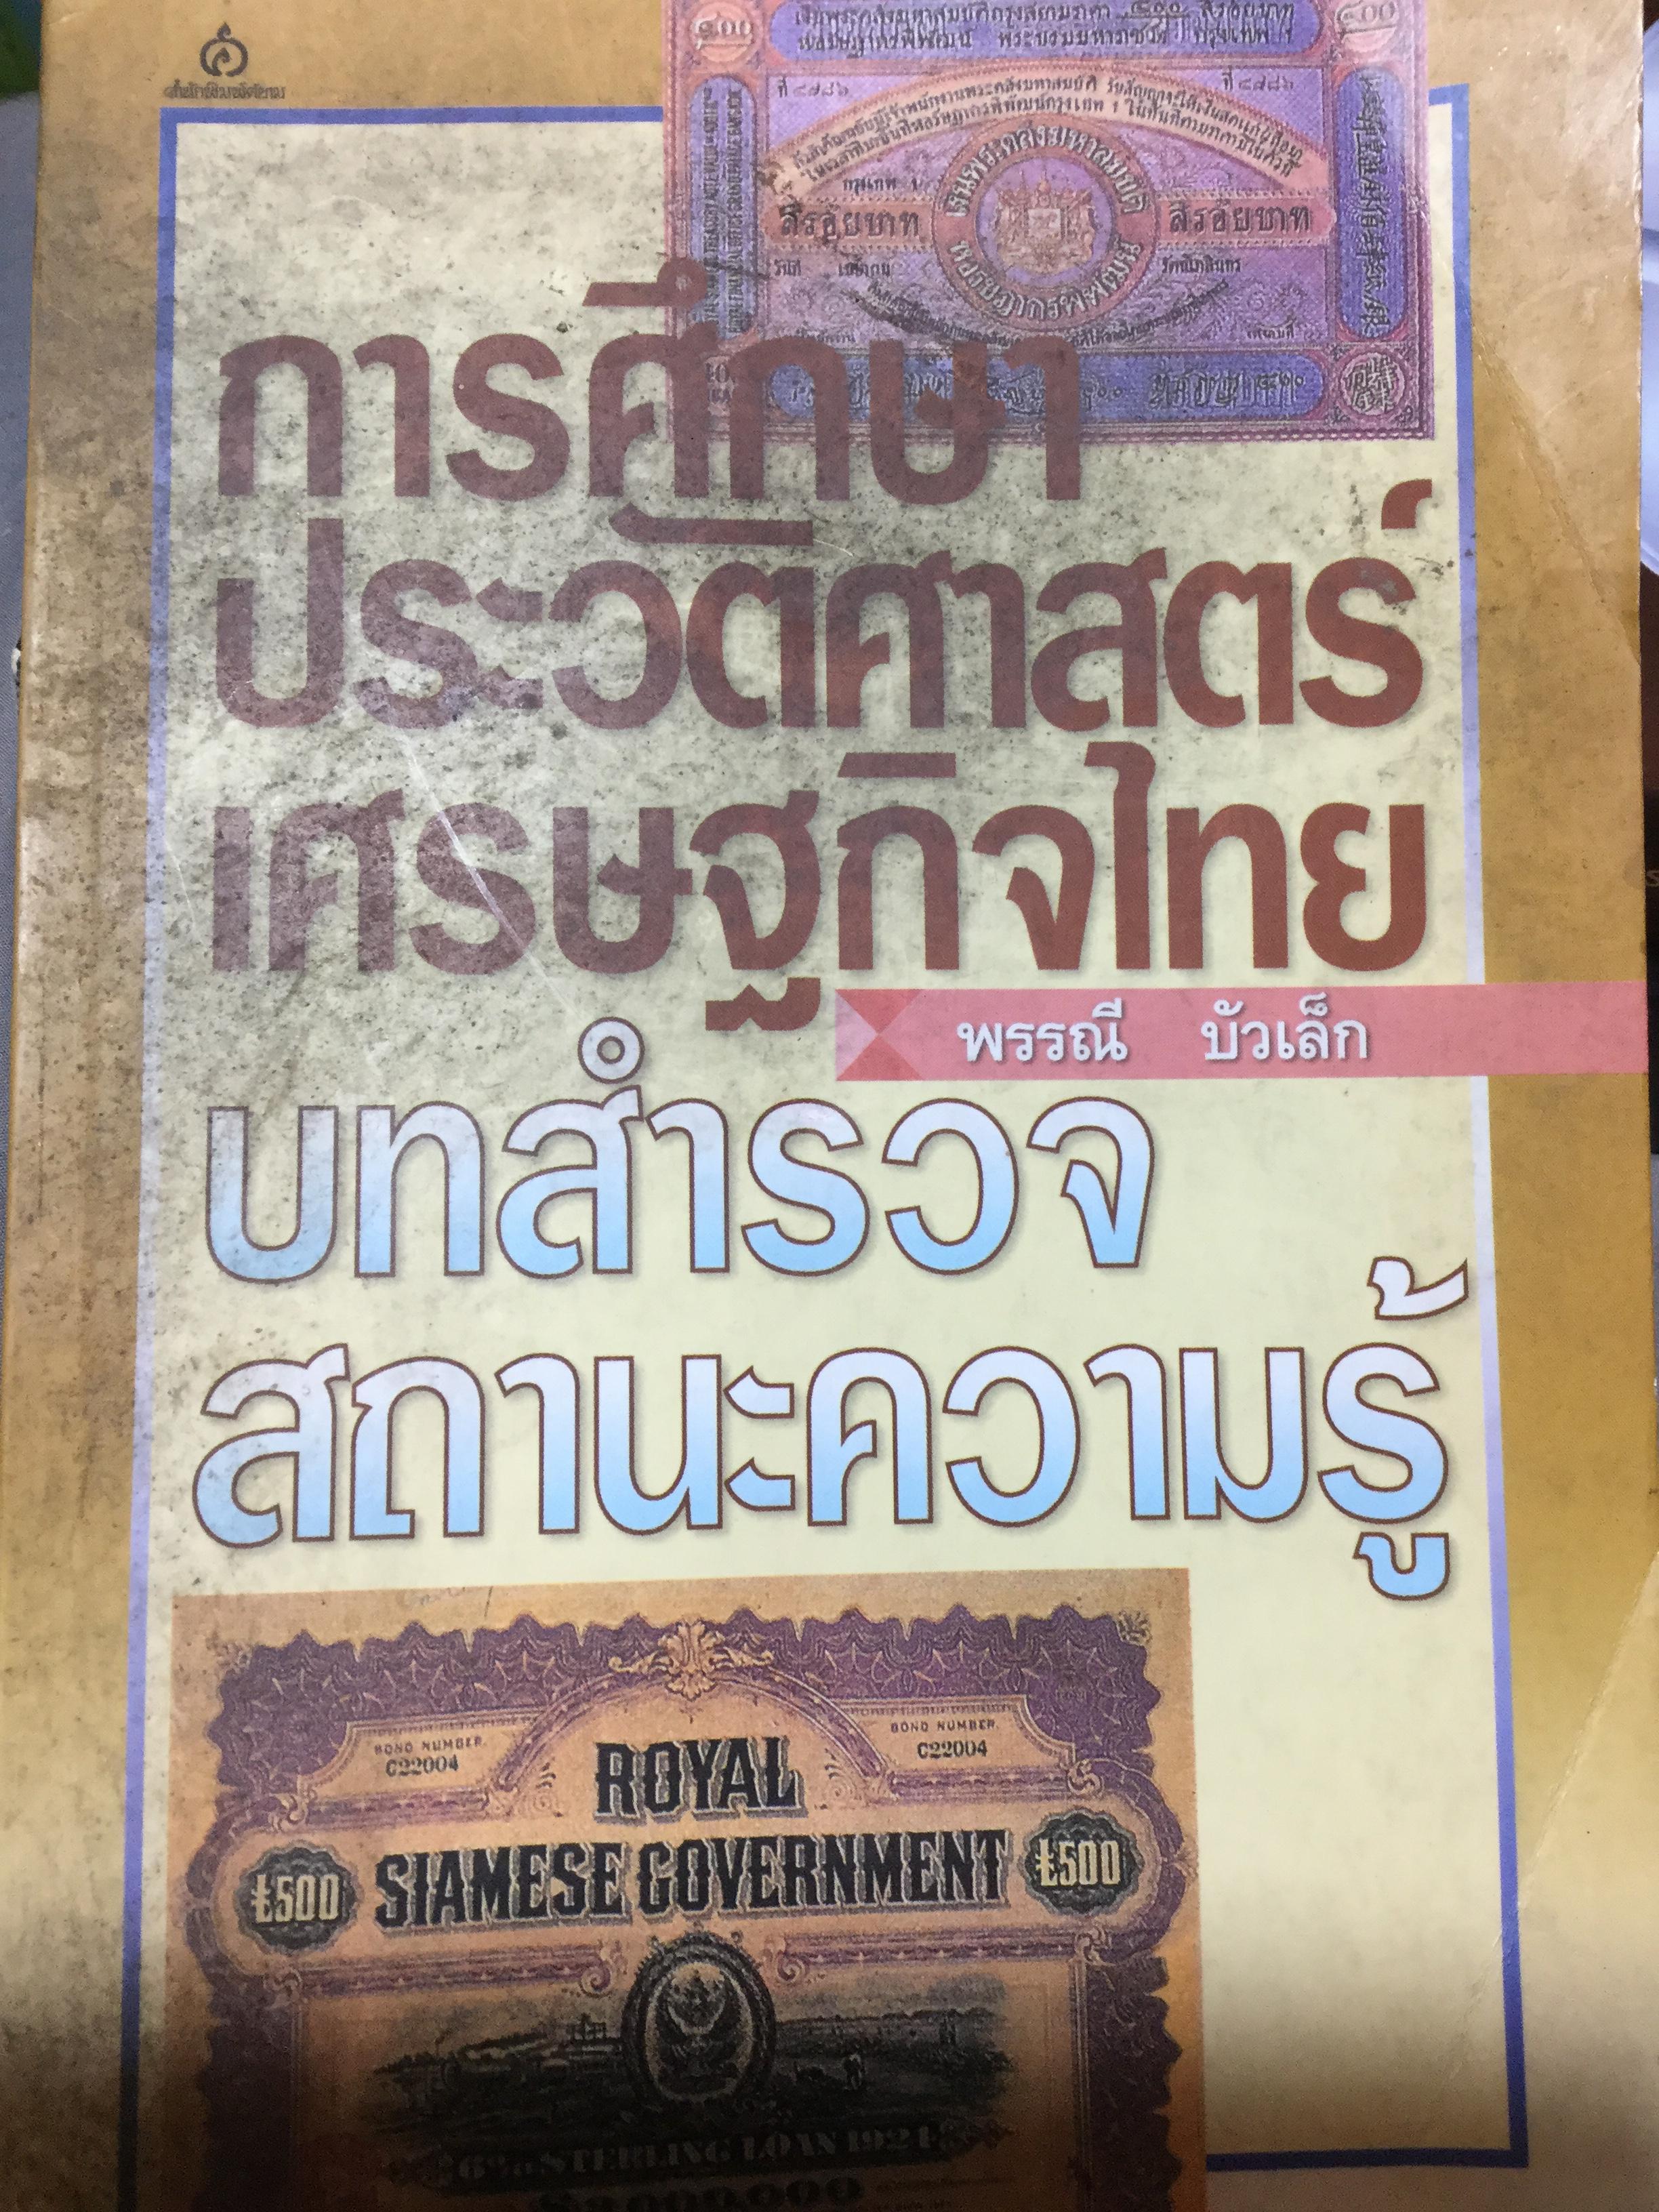 การศึกษาประวัติศาสตร์เศรษฐกิจไทย บทสำรวจสถานะความรู้. ผู้เขียน พรรณี บัวเล็ก